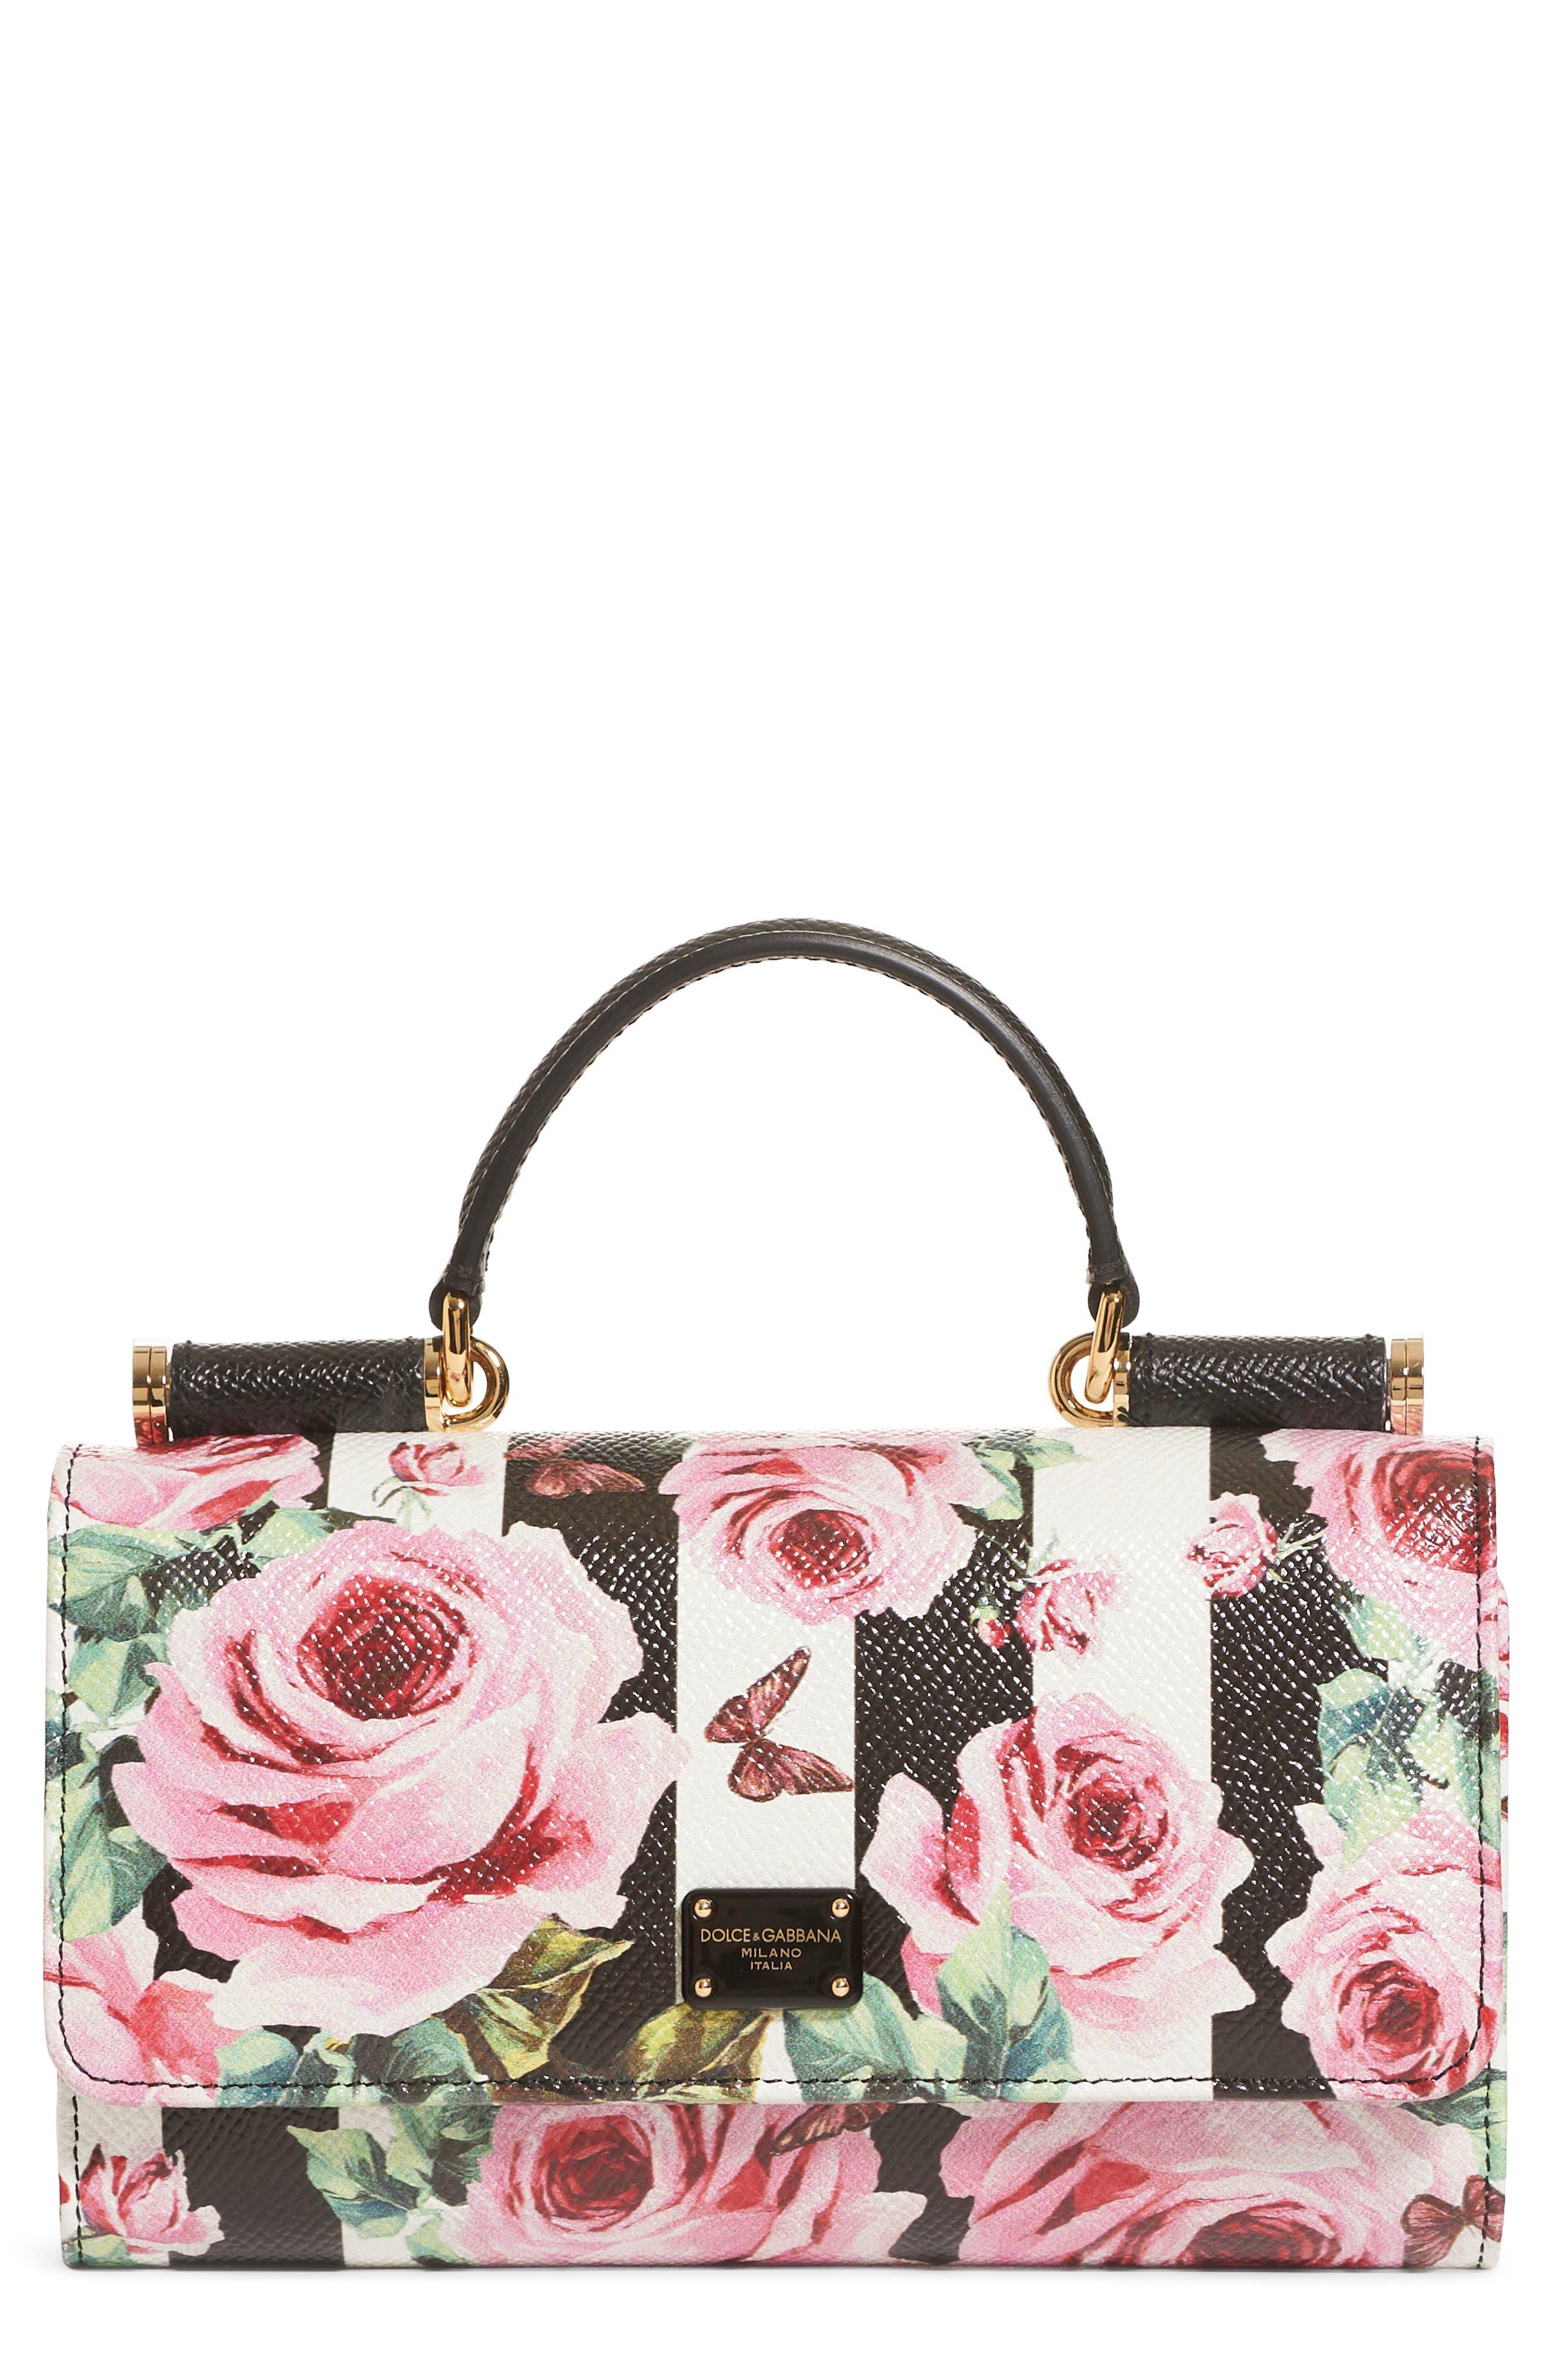 Main Image - Dolce&Gabbana Mini Stripe Floral Calfskin Leather Bag